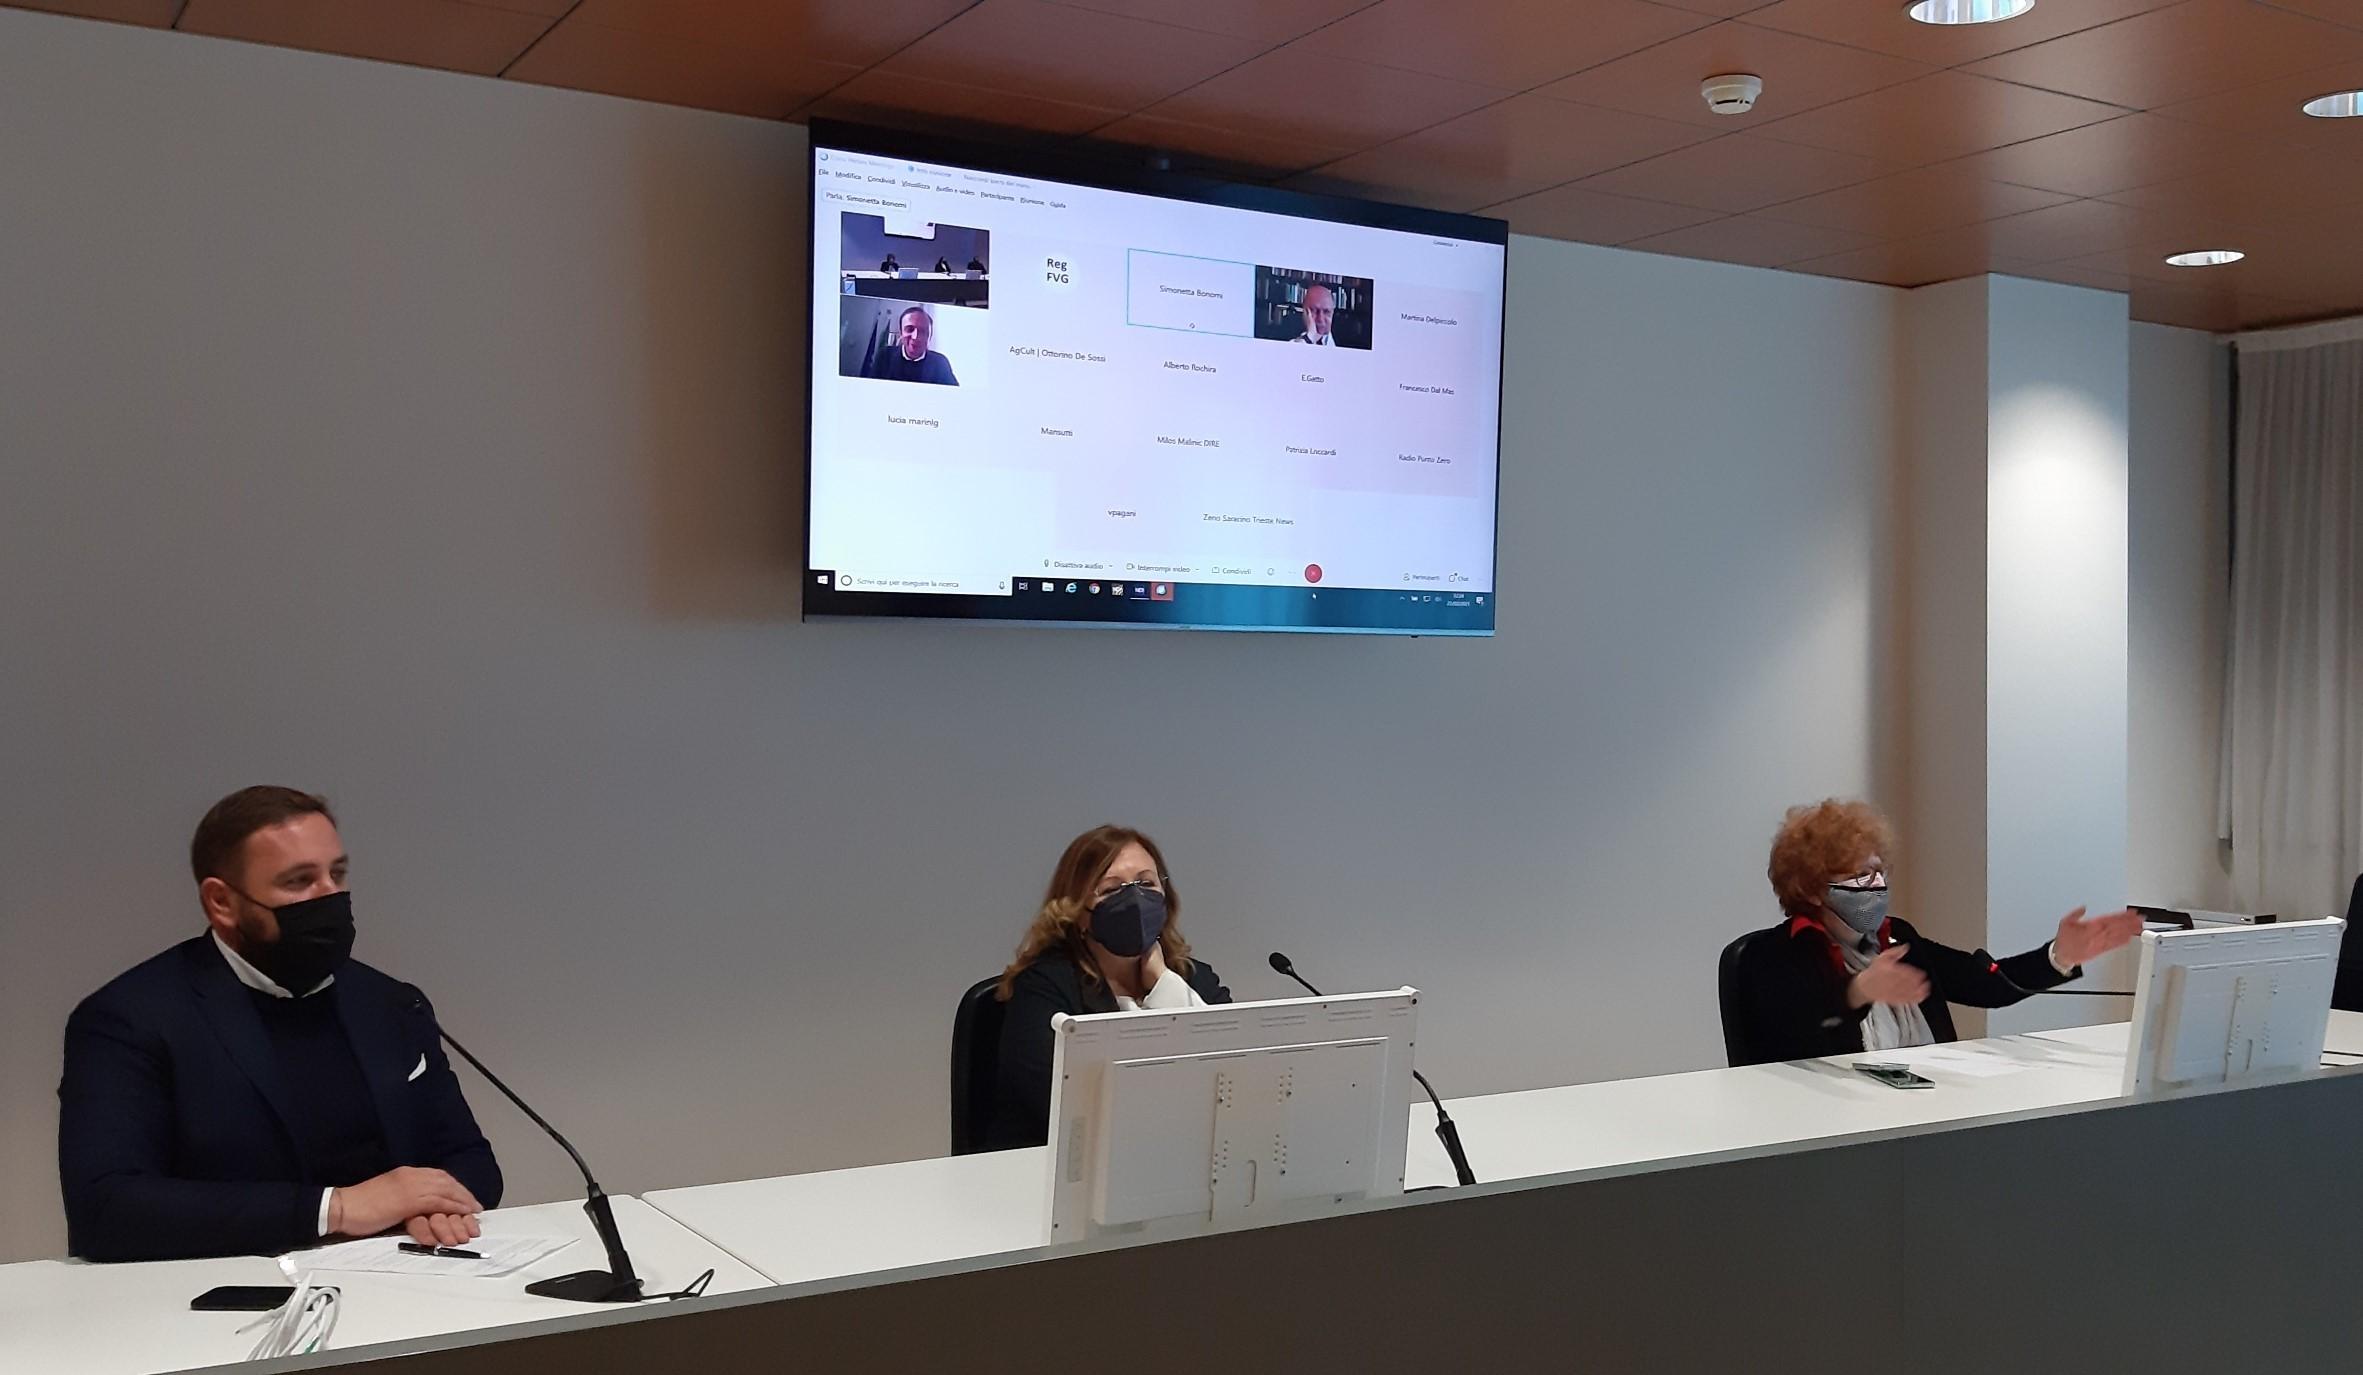 Il governatore Fedriga e il Segretario regionale del MiC Fvg Cassanelli in collegamento durante la sottoscrizione dell'accordo (ph. Regione FVG)